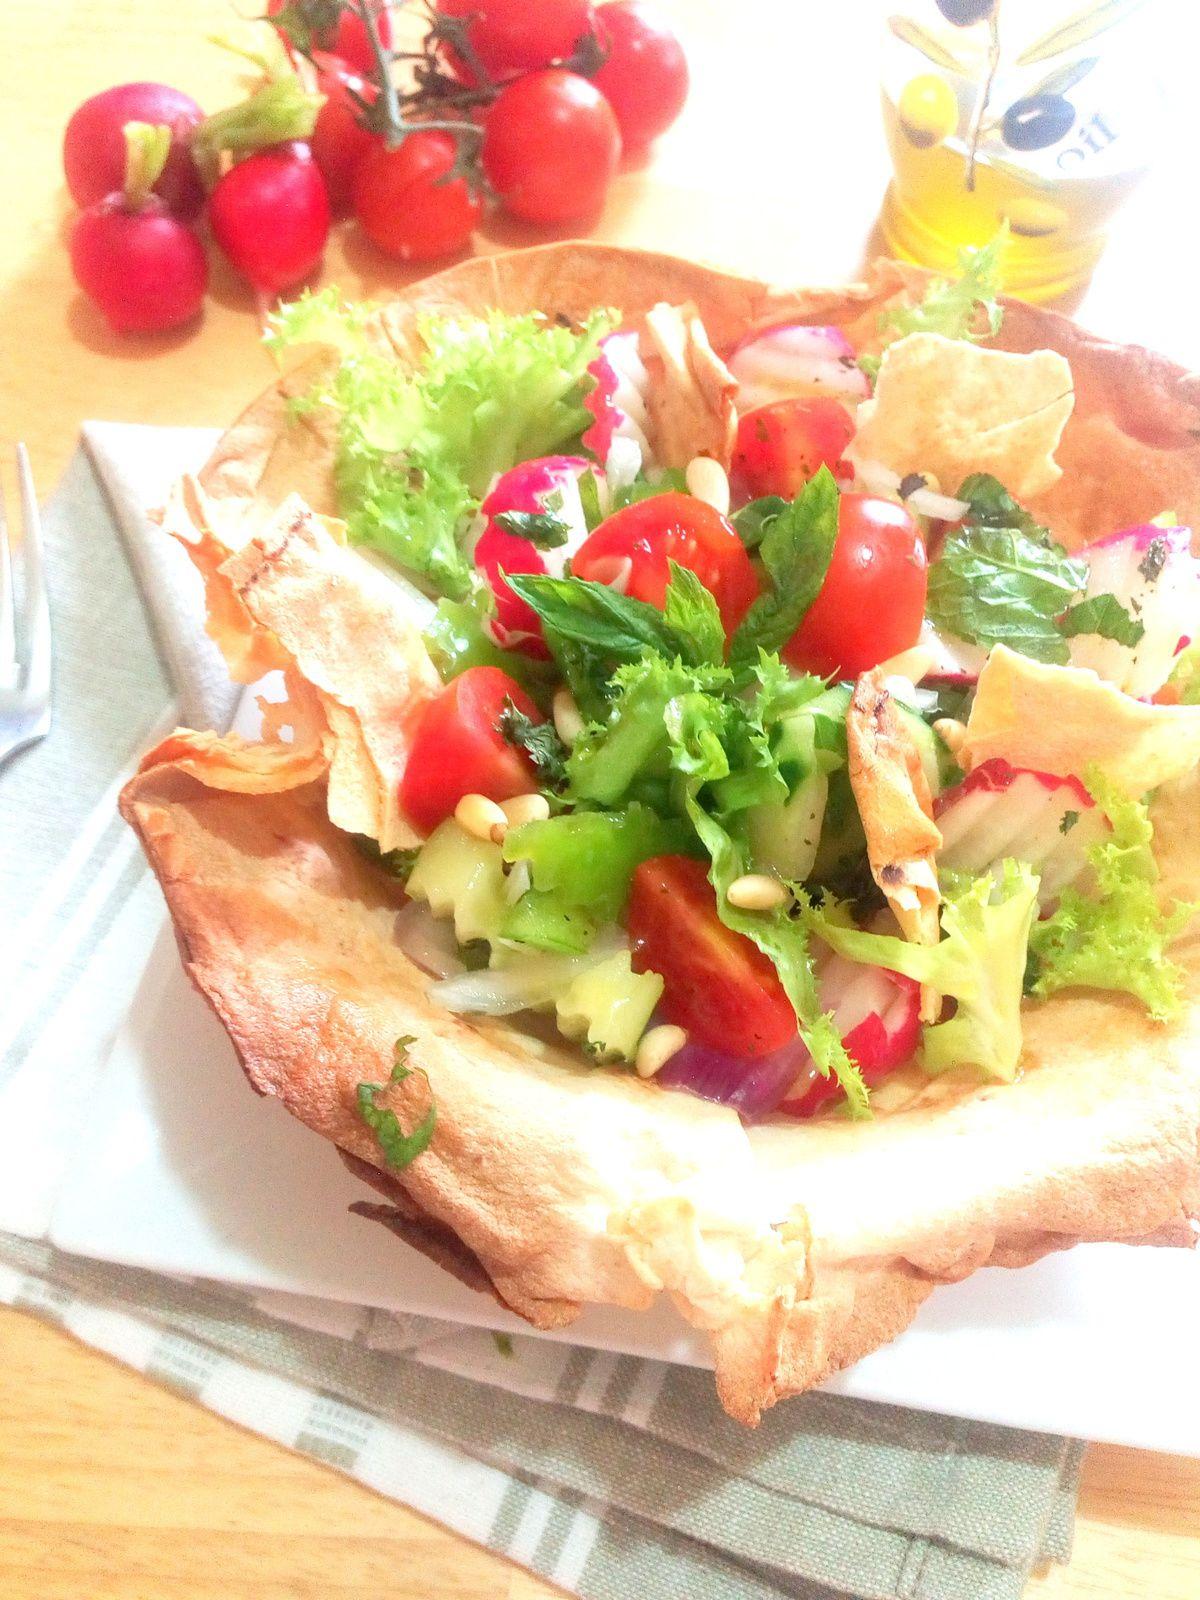 Salade fettouche servie dans un bol en raghif. (pain syrien)